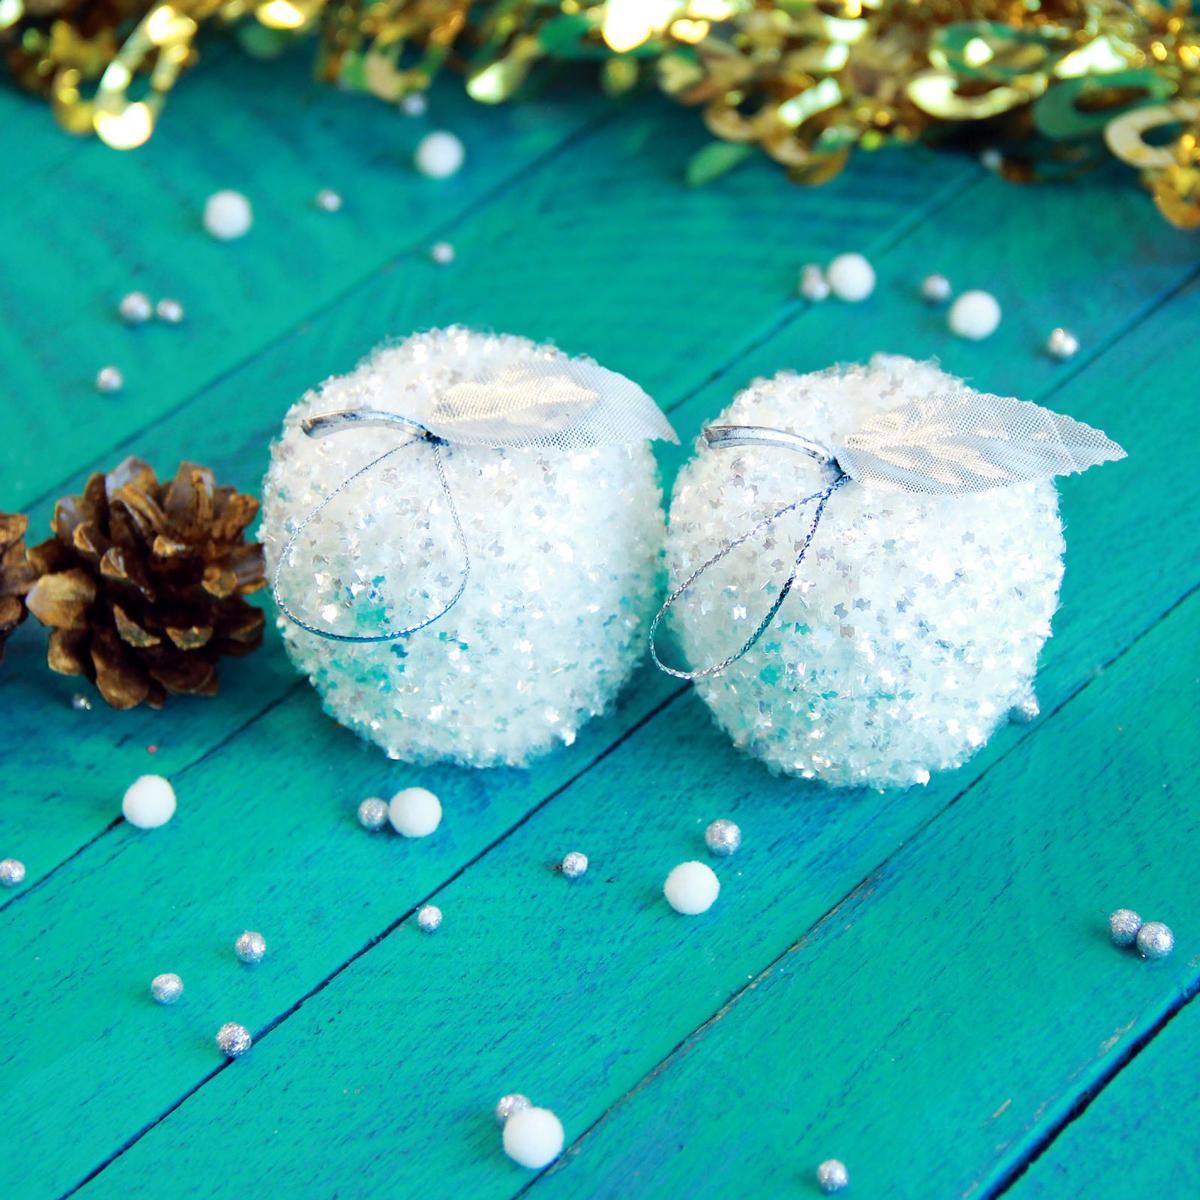 Набор новогодних подвесных украшений Белое яблочко, 5 х 5 см, 6 шт2371313Набор новогодних подвесных украшений отлично подойдет для декорации вашего дома и новогодней ели. С помощью специальной петельки украшение можно повесить в любом понравившемся вам месте. Но, конечно, удачнее всего оно будет смотреться на праздничной елке.Елочная игрушка - символ Нового года. Она несет в себе волшебство и красоту праздника. Такое украшение создаст в вашем доме атмосферу праздника, веселья и радости.